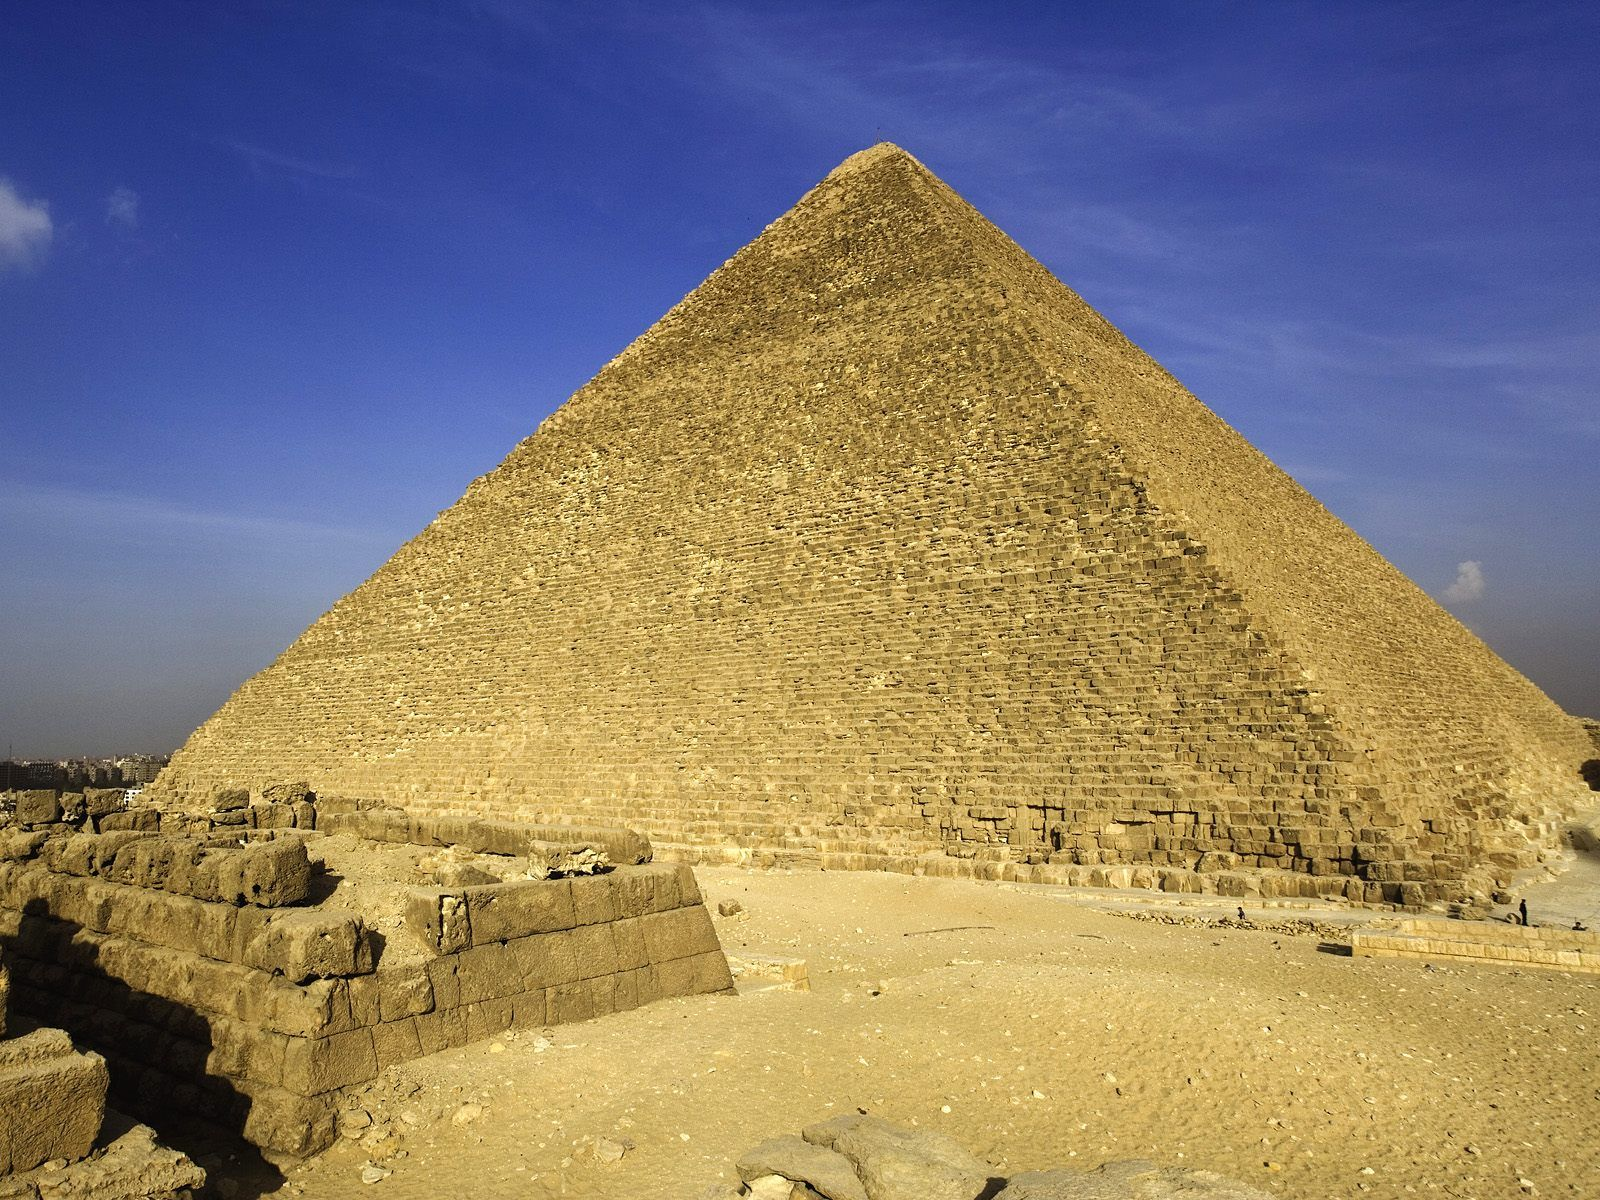 http://3.bp.blogspot.com/-6dbUqz9TDcw/TsUNaGEBkVI/AAAAAAAAFLY/NmNTlFUpvLs/s1600/egypt_pyramids_wallpapers_Great-Pyramid-Giza.jpg